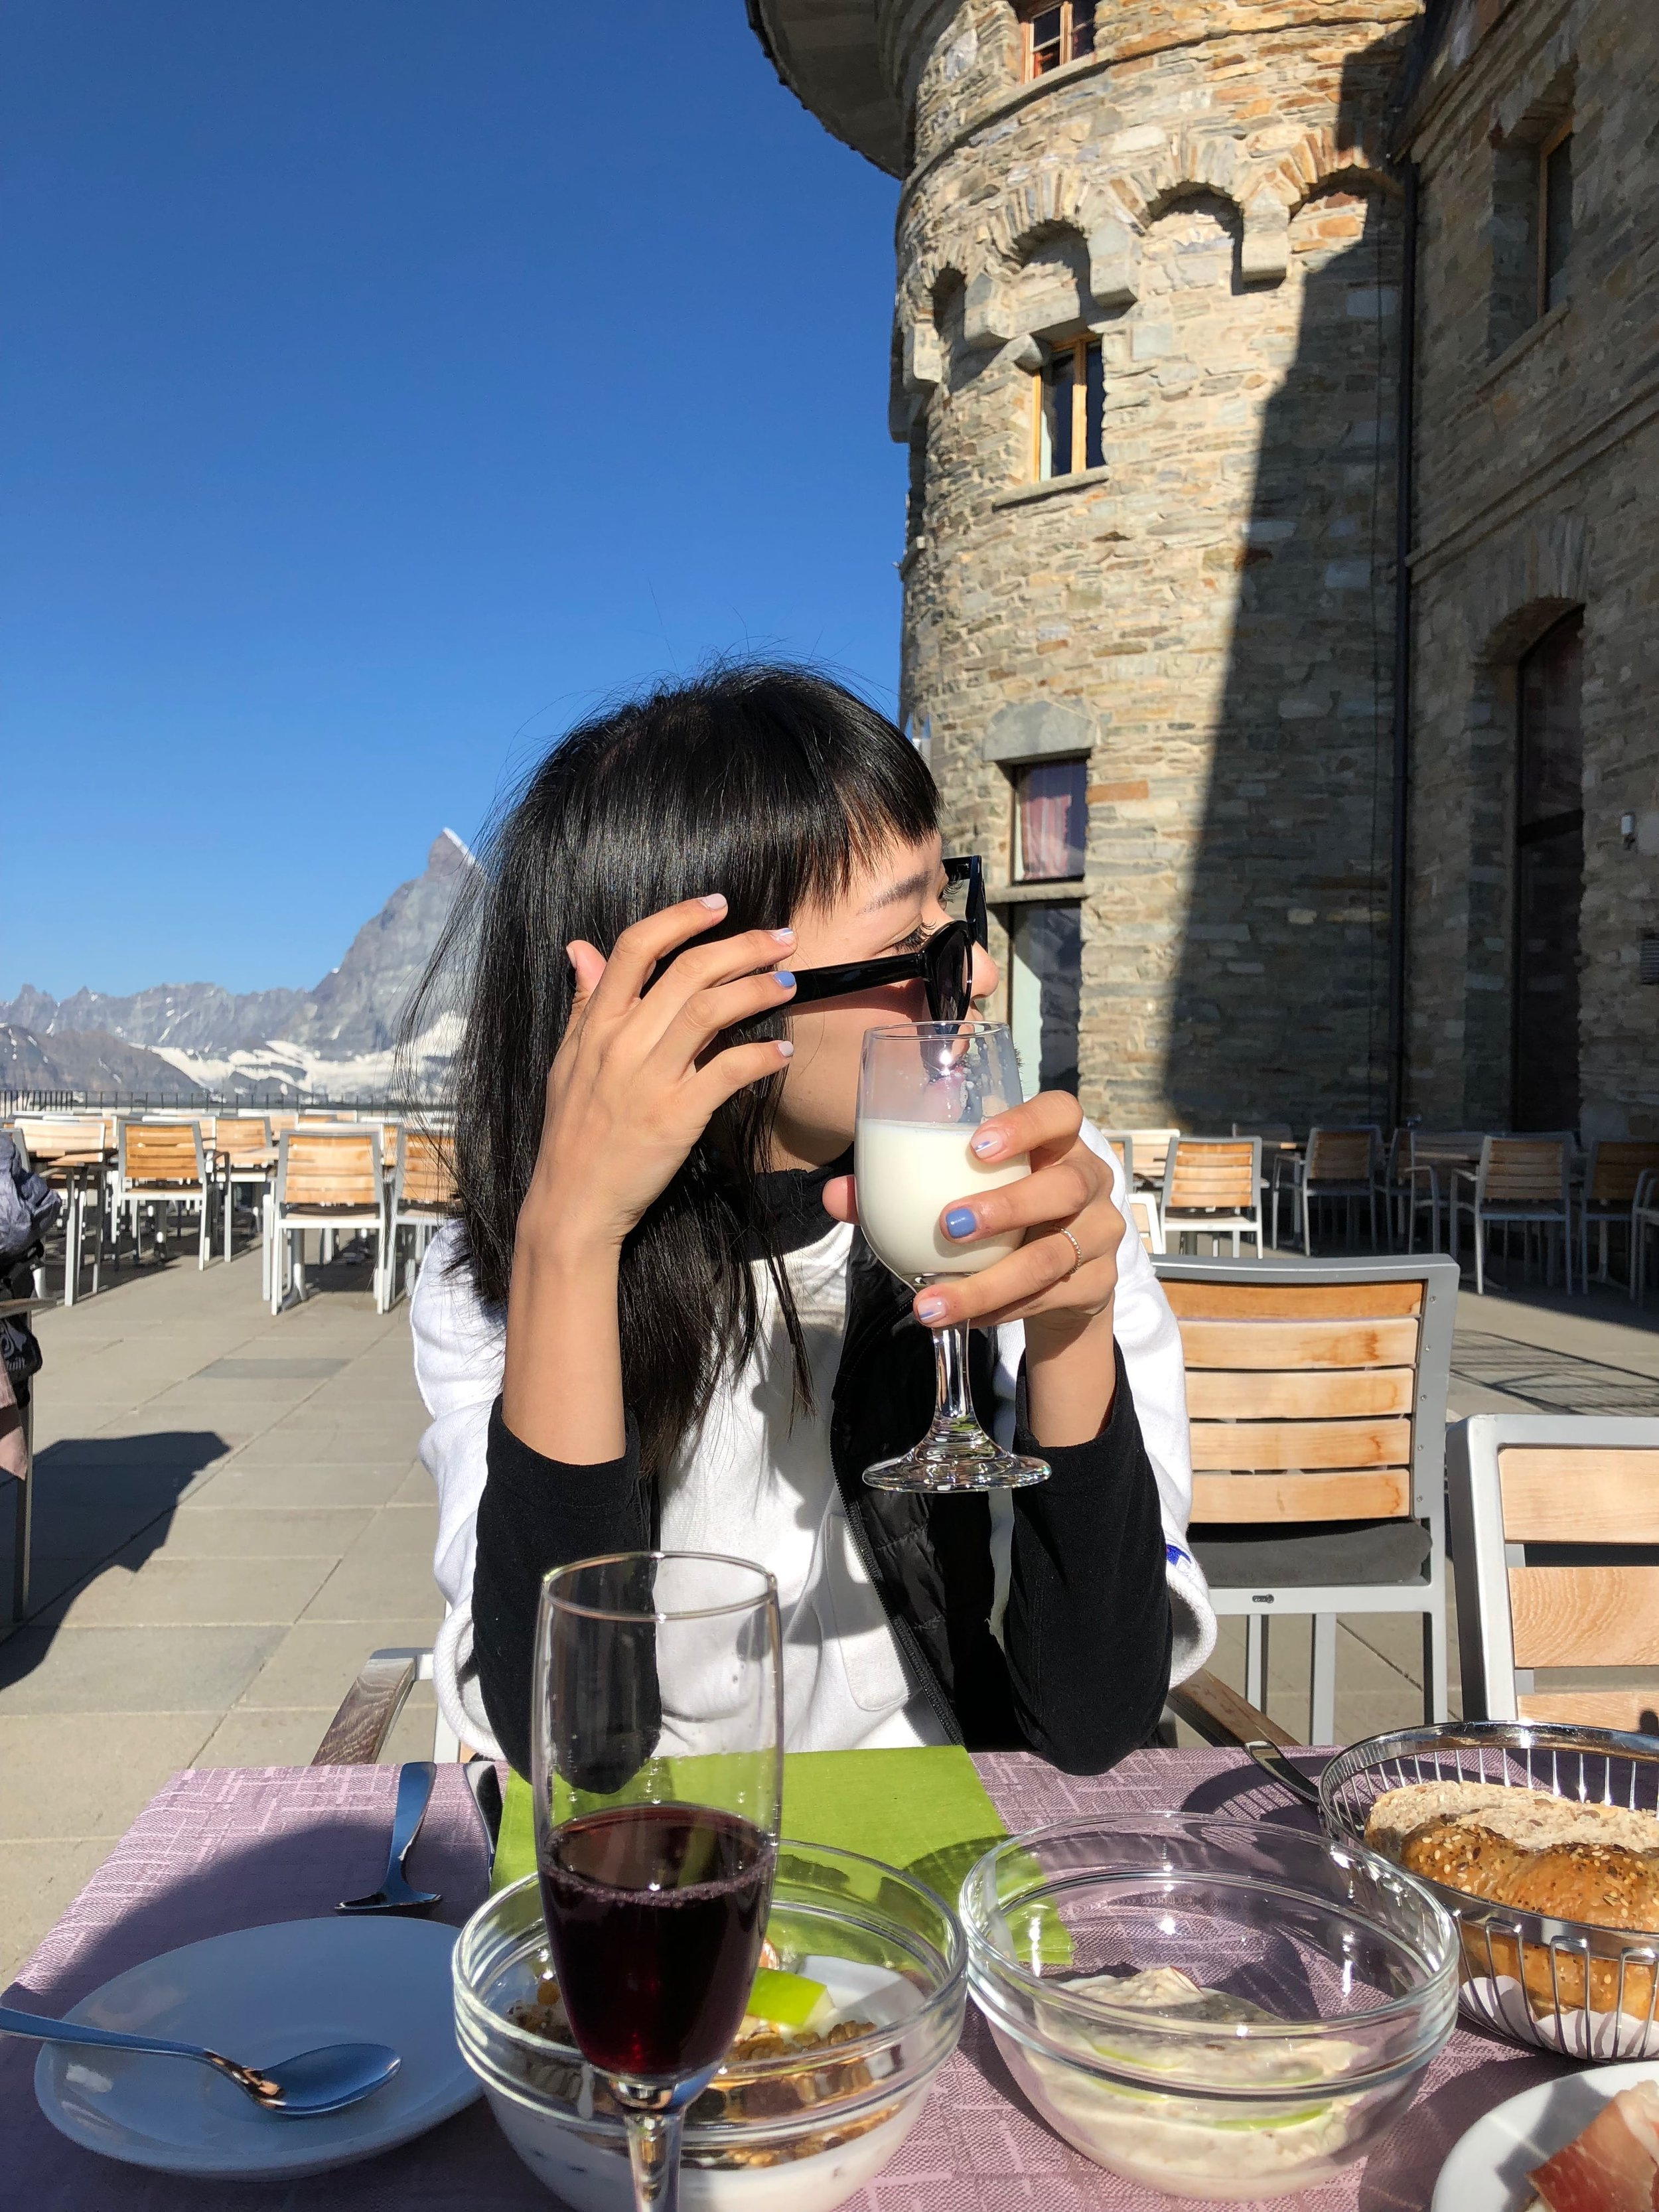 務必在陽光下享受四面冰河環繞的用餐體驗